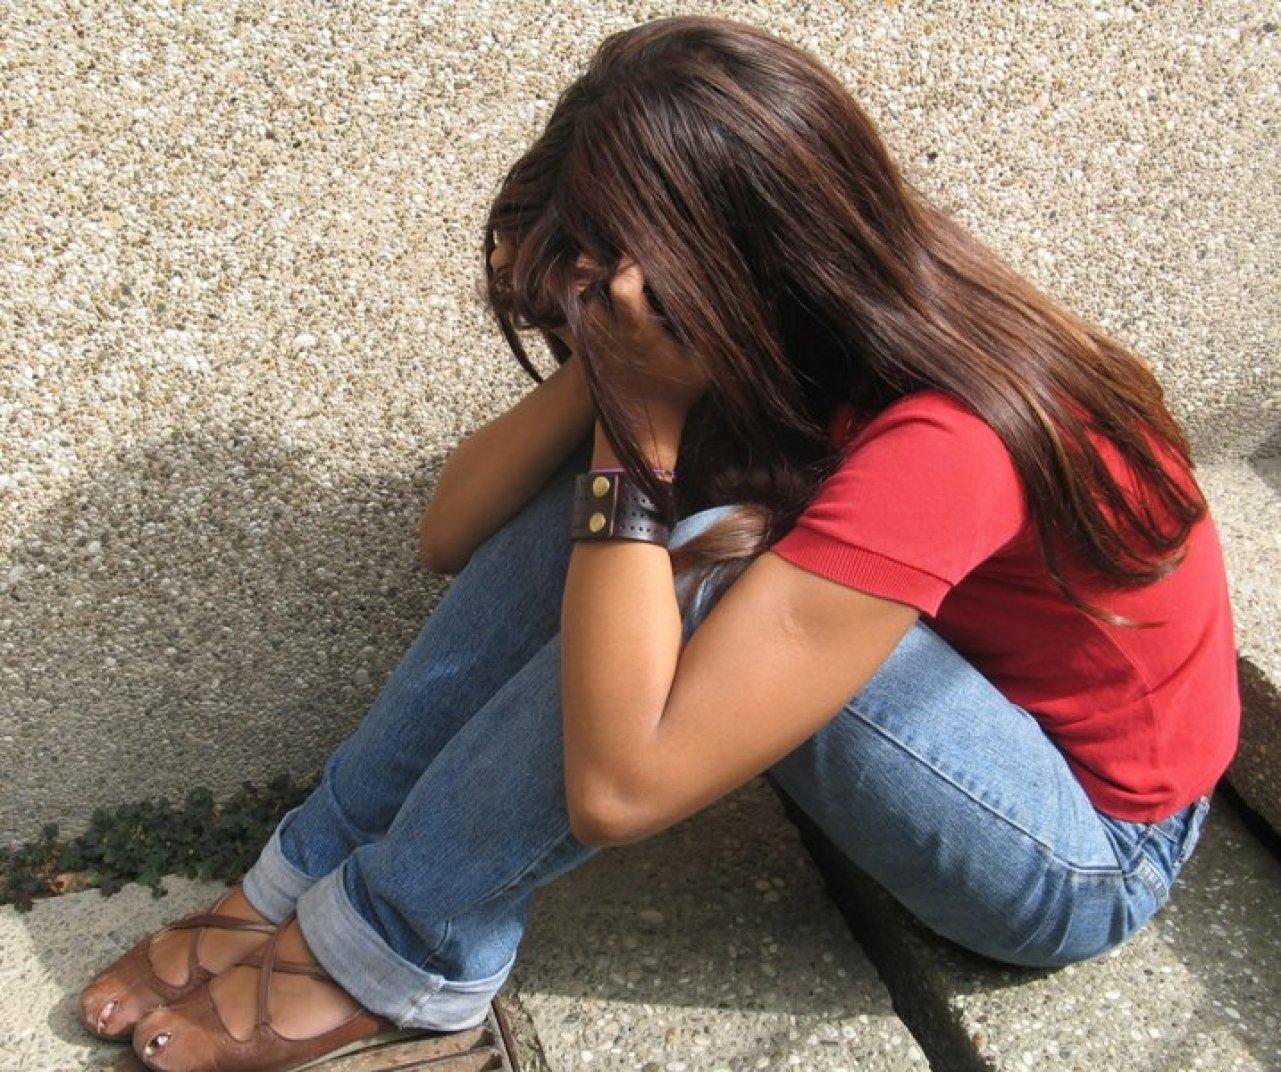 В Сыктывкаре опекуна судят за издевательства над подростком